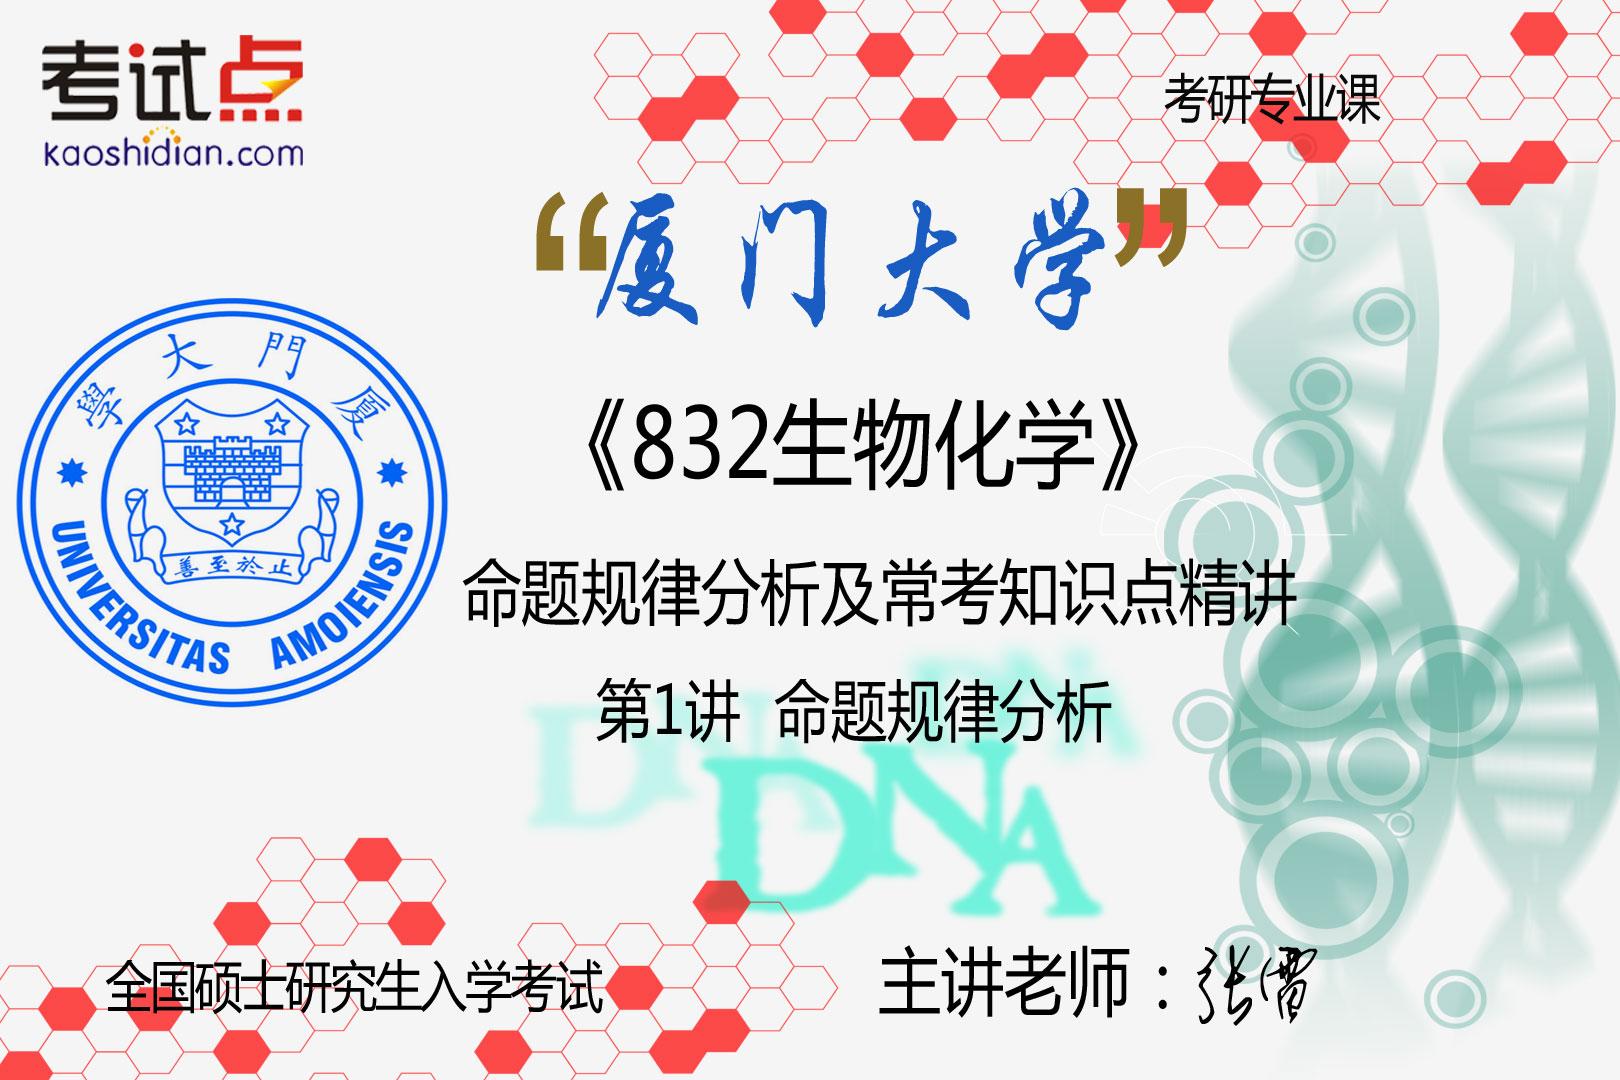 廈門大學《832生物化學》命題規律分析及常考知識點精講